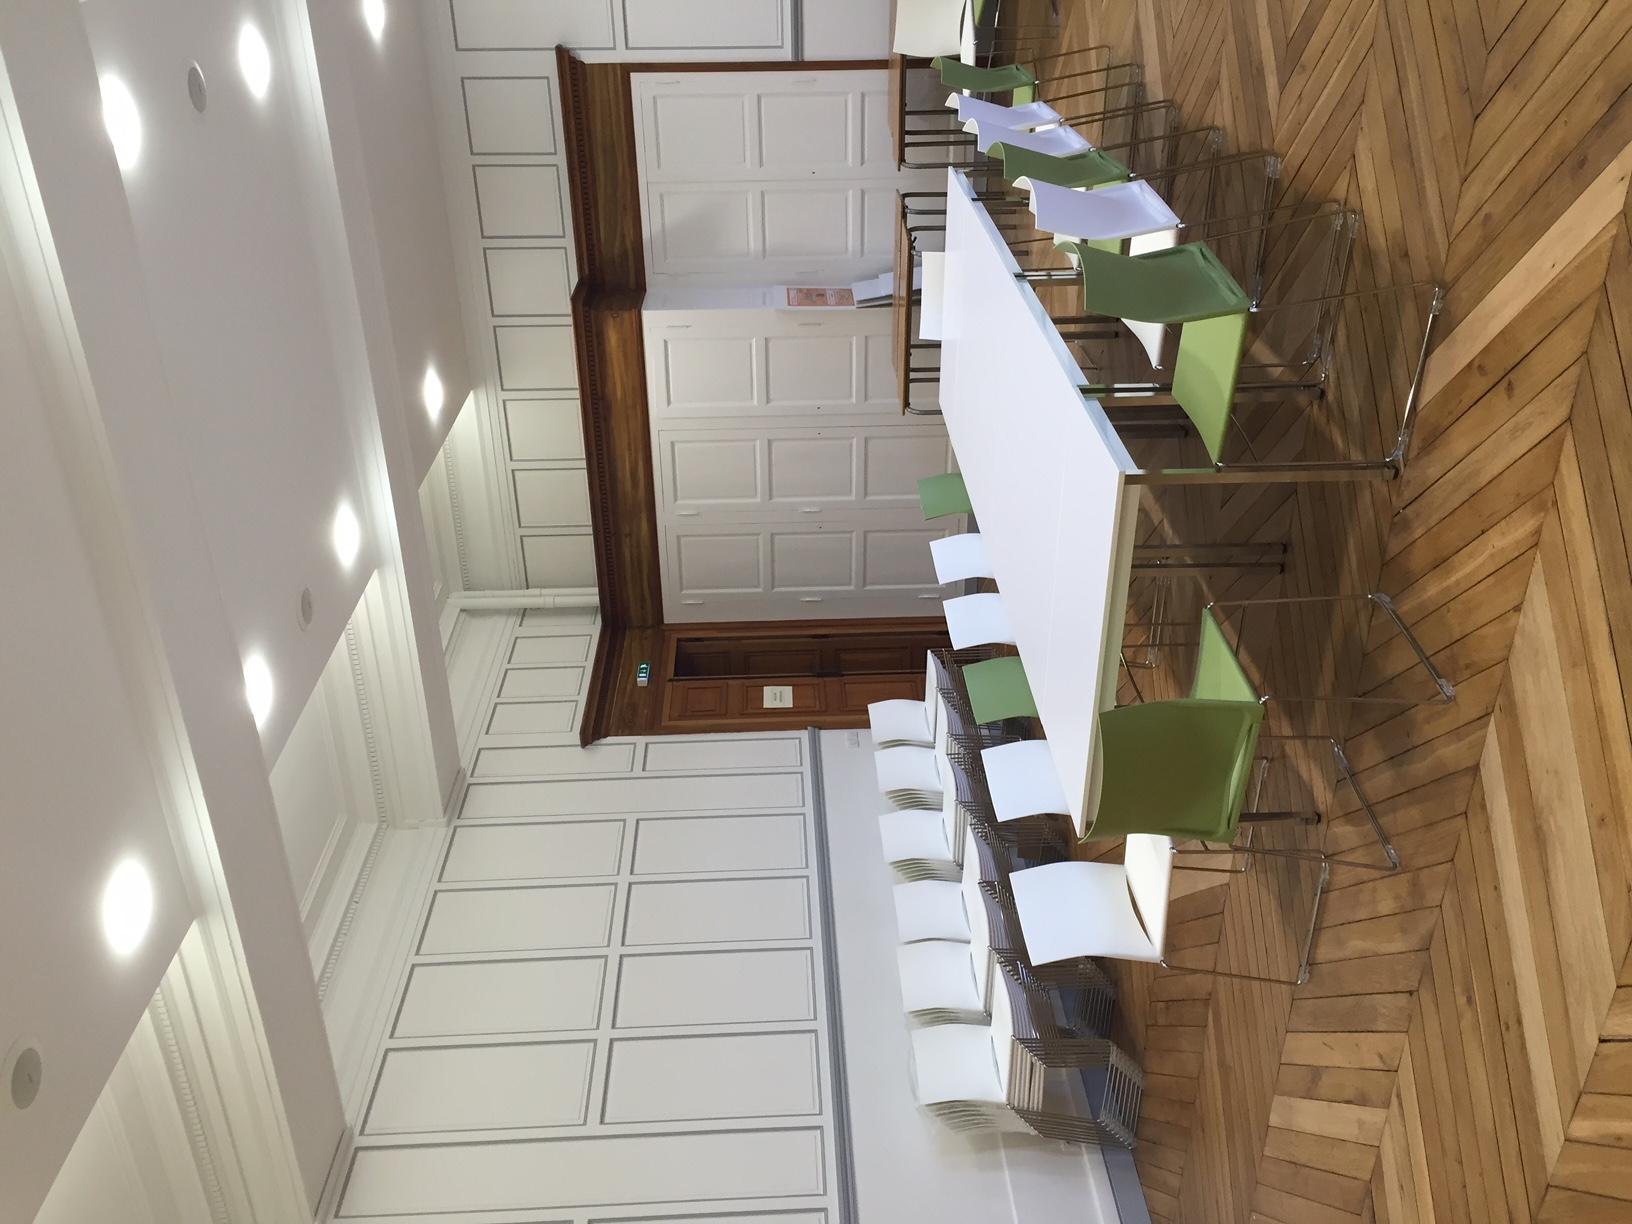 Salles de réunion - Fontainebleau